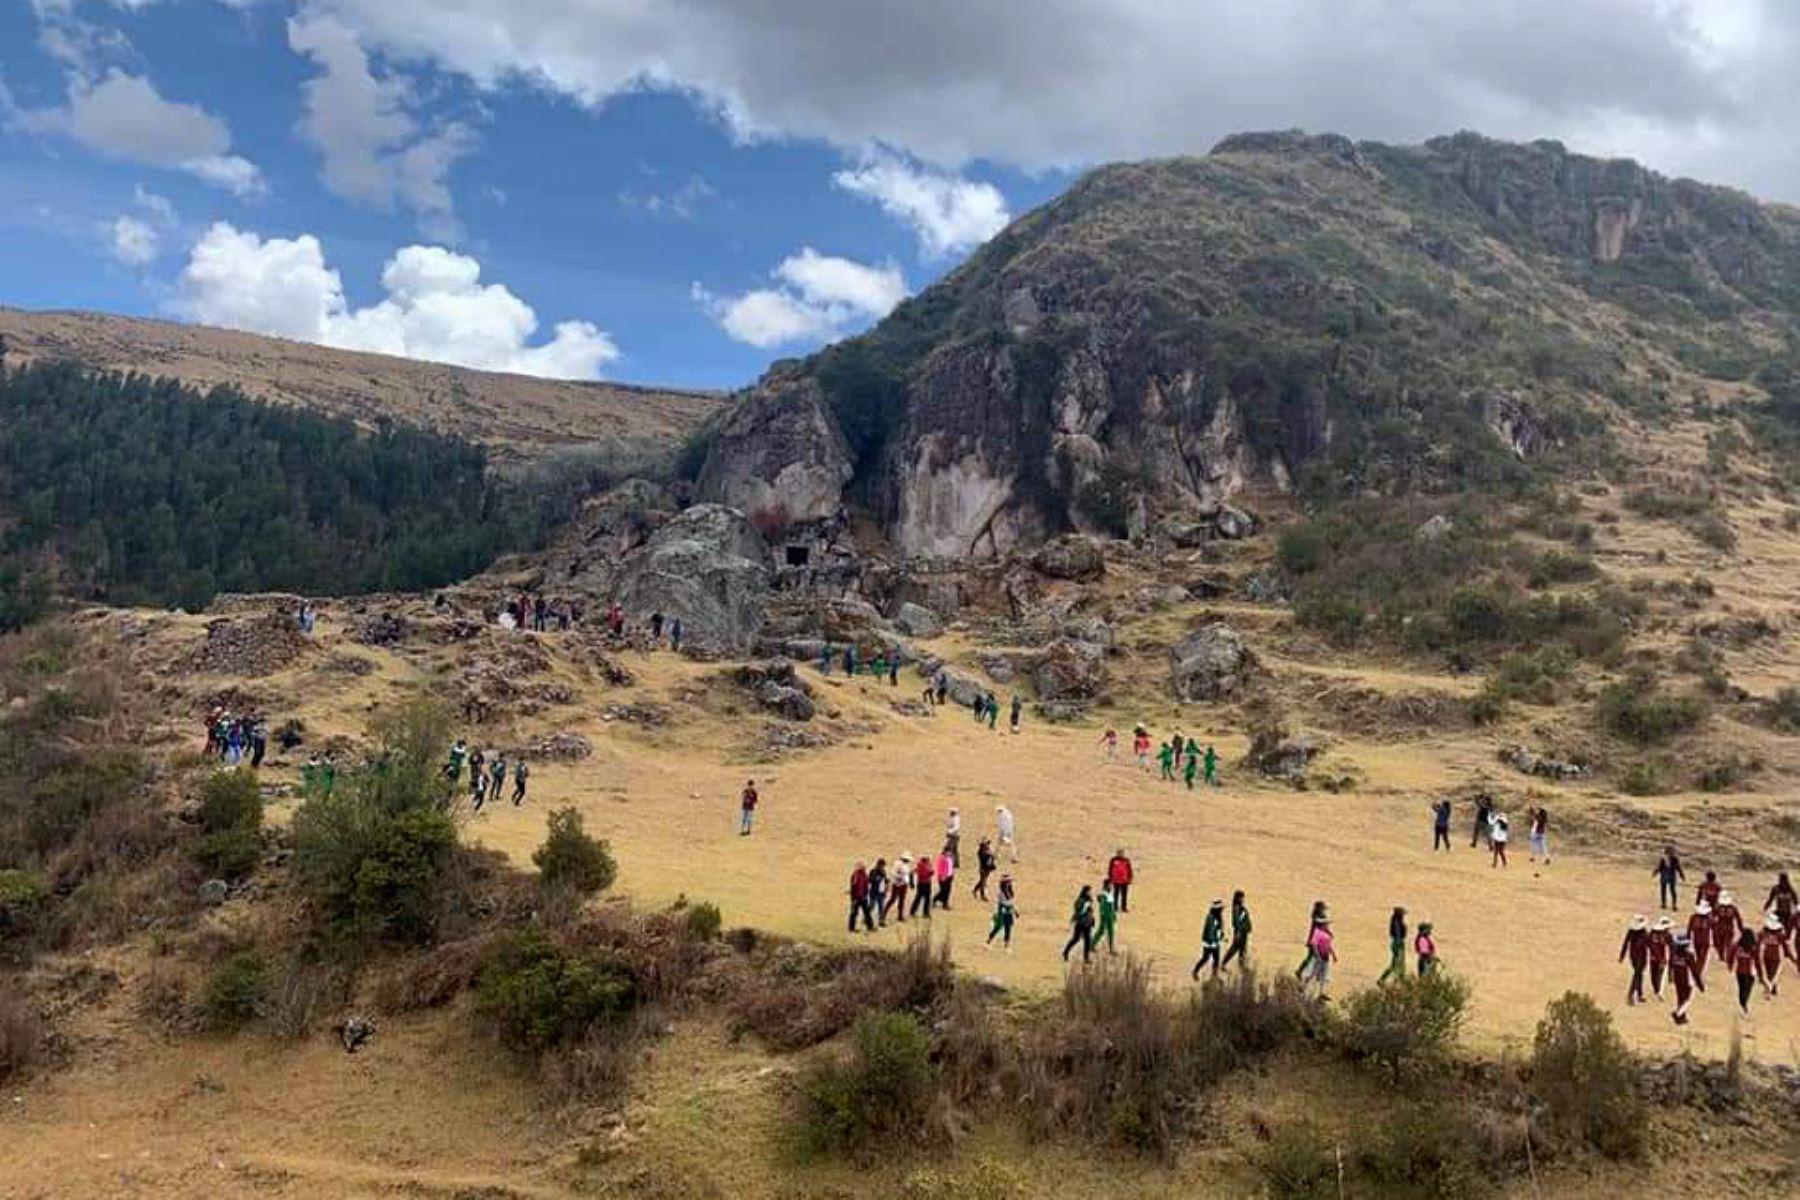 Una gran piedra que cuenta con 20 ángulos se ubica en la base de la portada de un muro Inca del centro arqueológico de Qollmay, situado en el distrito cusqueño de Chinchapucyo, provincia de Anta. Foto: ANDINA/Difusión